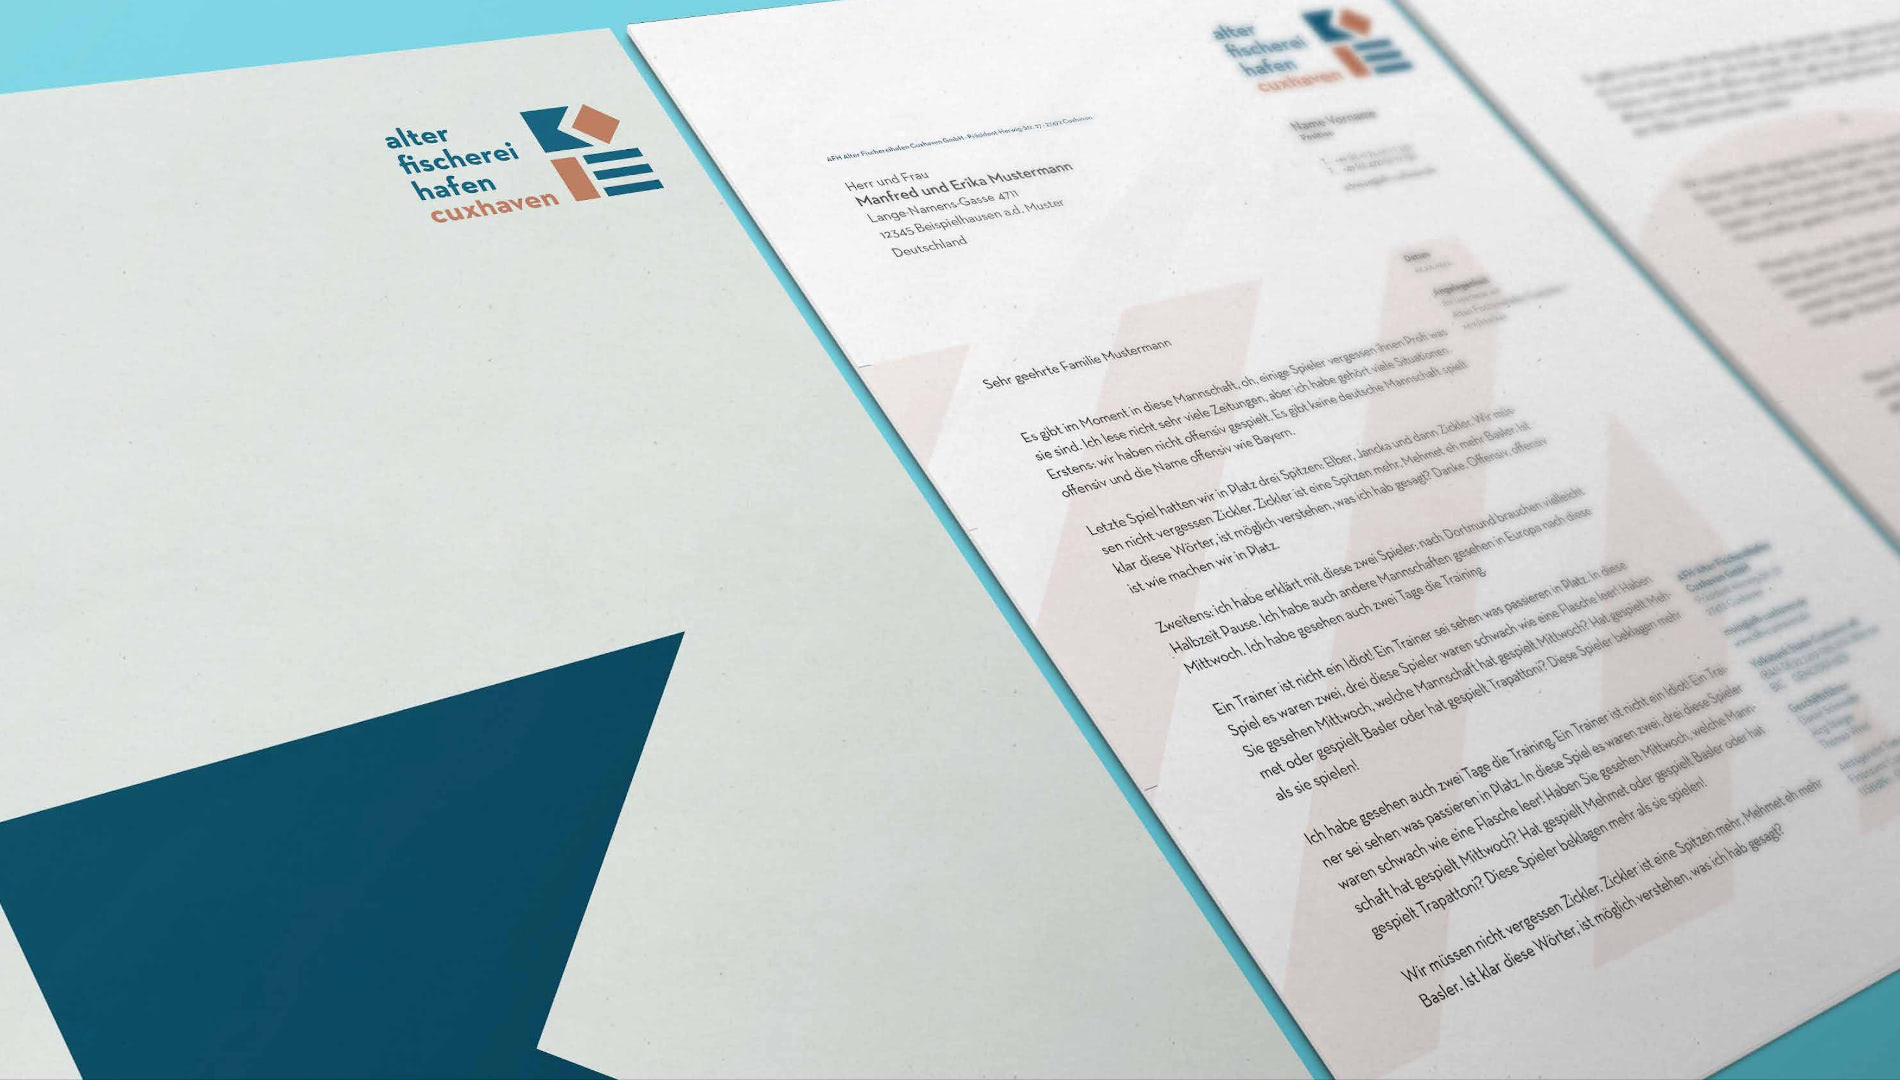 Markenentwicklung Corporate Design Alter Fischereihafen Cuxhaven Briefbogen Markenlogo Going Places